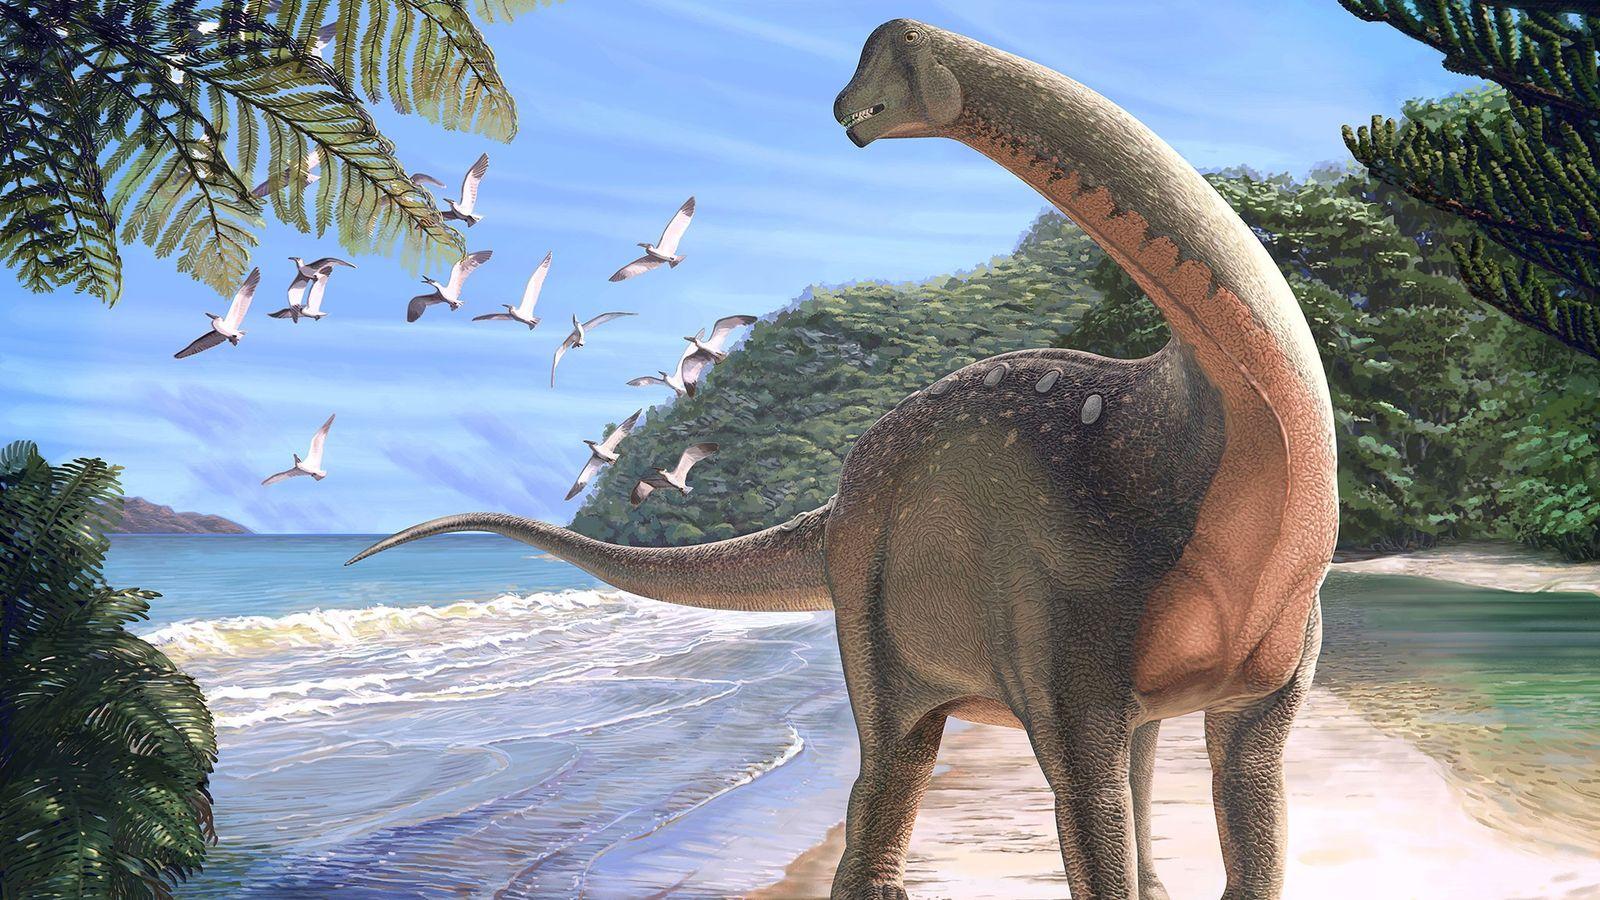 El nuevo dinosaurio titanosaurio Mansourasaurus shahinae en una orilla del actual desierto occidental del Nilo hace ...